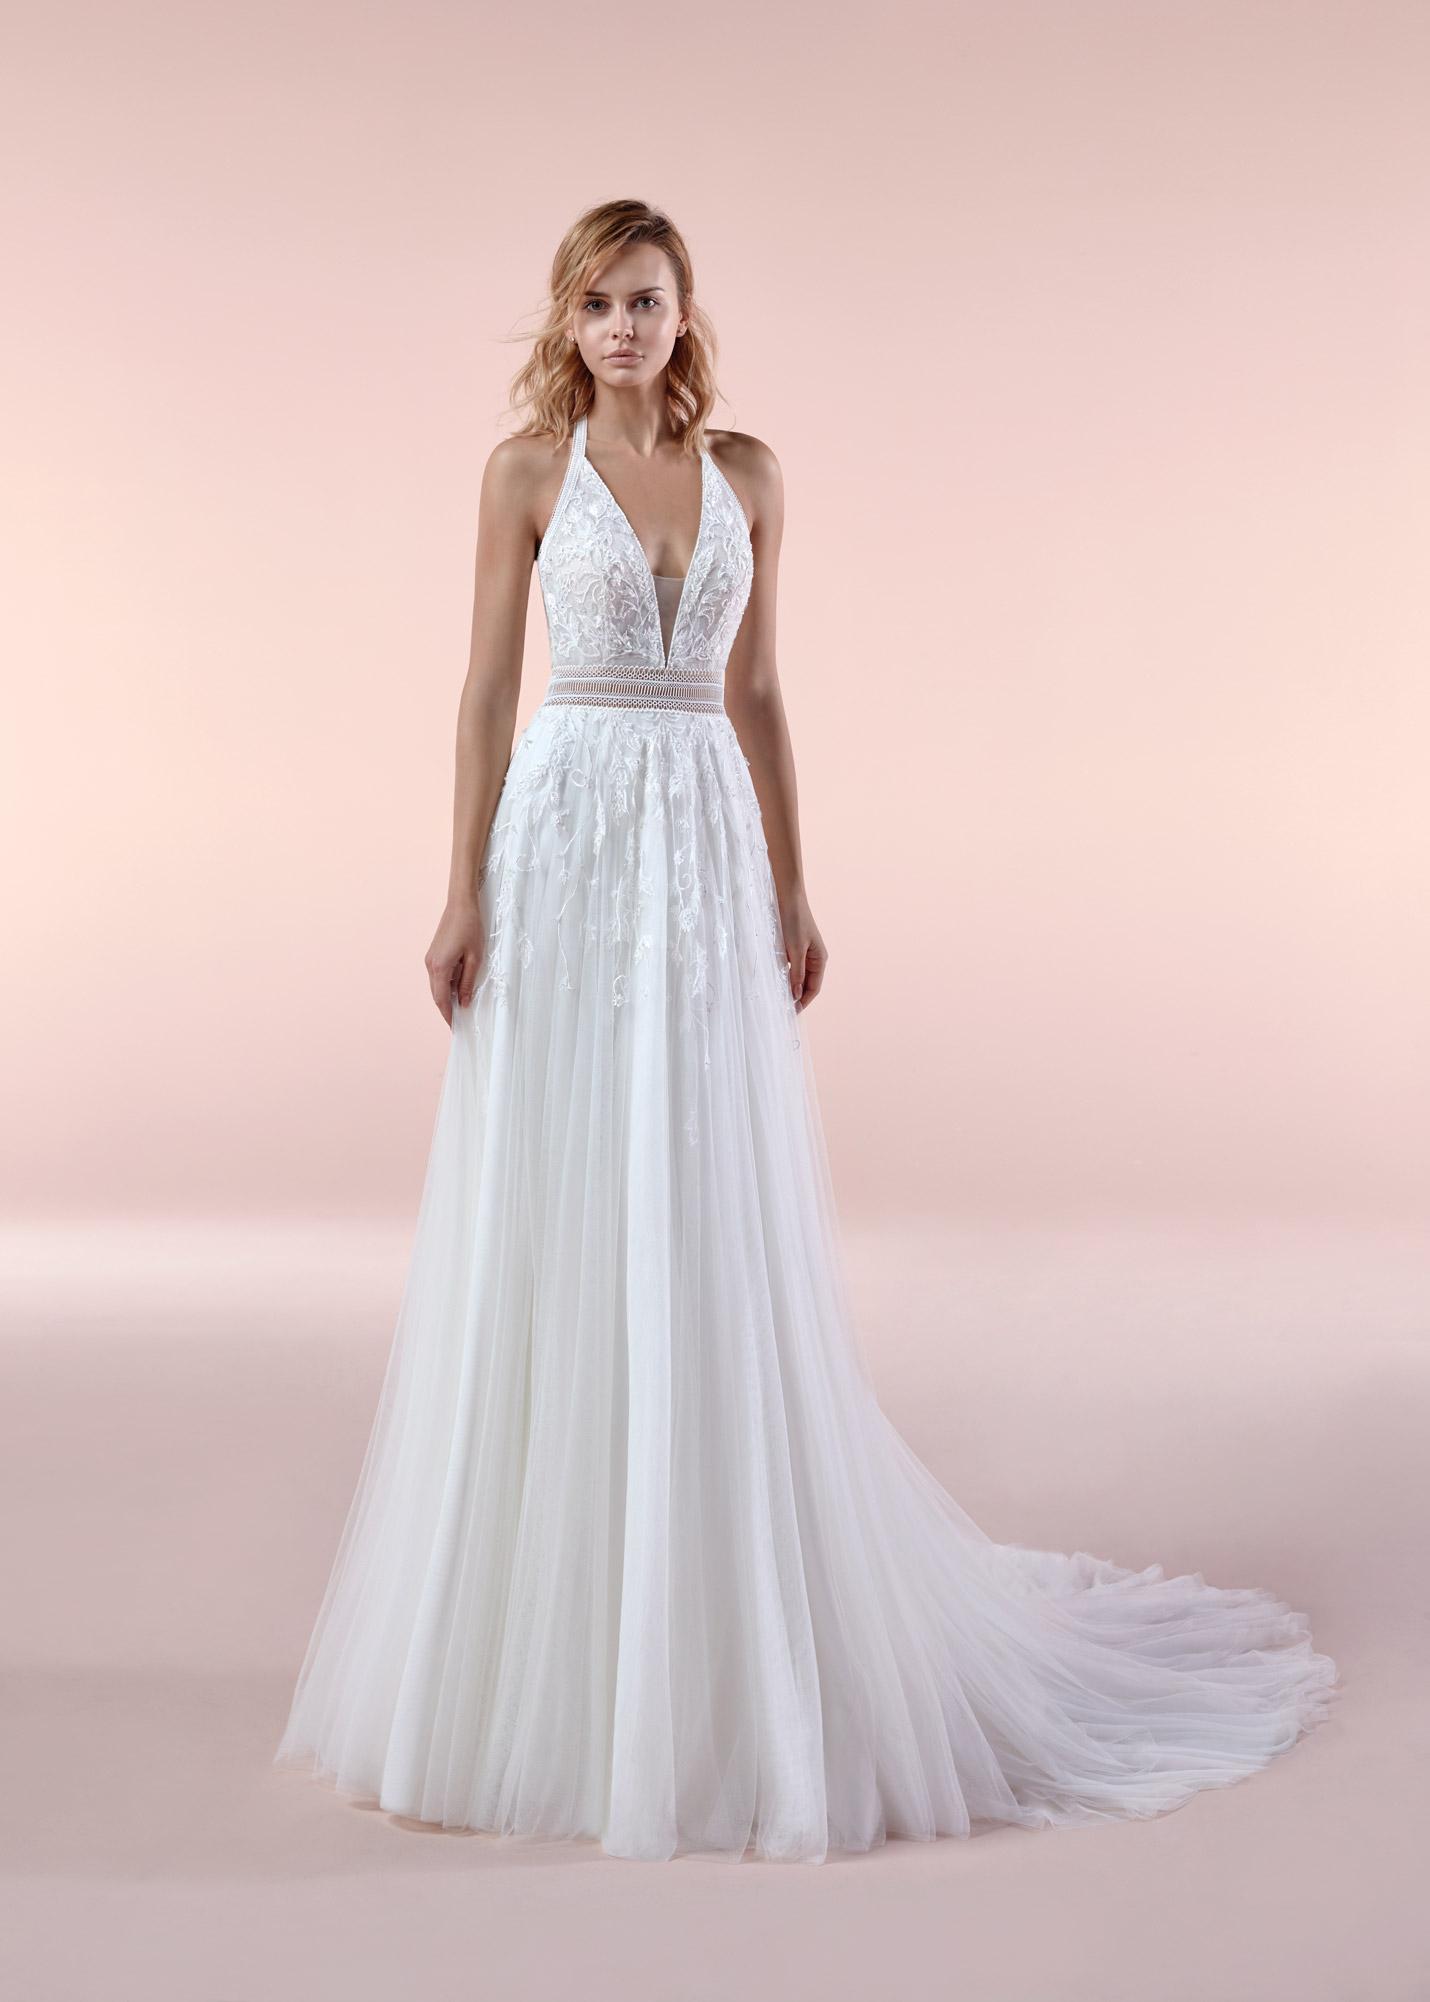 prezzo all'ingrosso più nuovo di vendita caldo all'ingrosso online Abito da sposa Boho Chic Nicole 2020 BCA20101 - Mariages ...